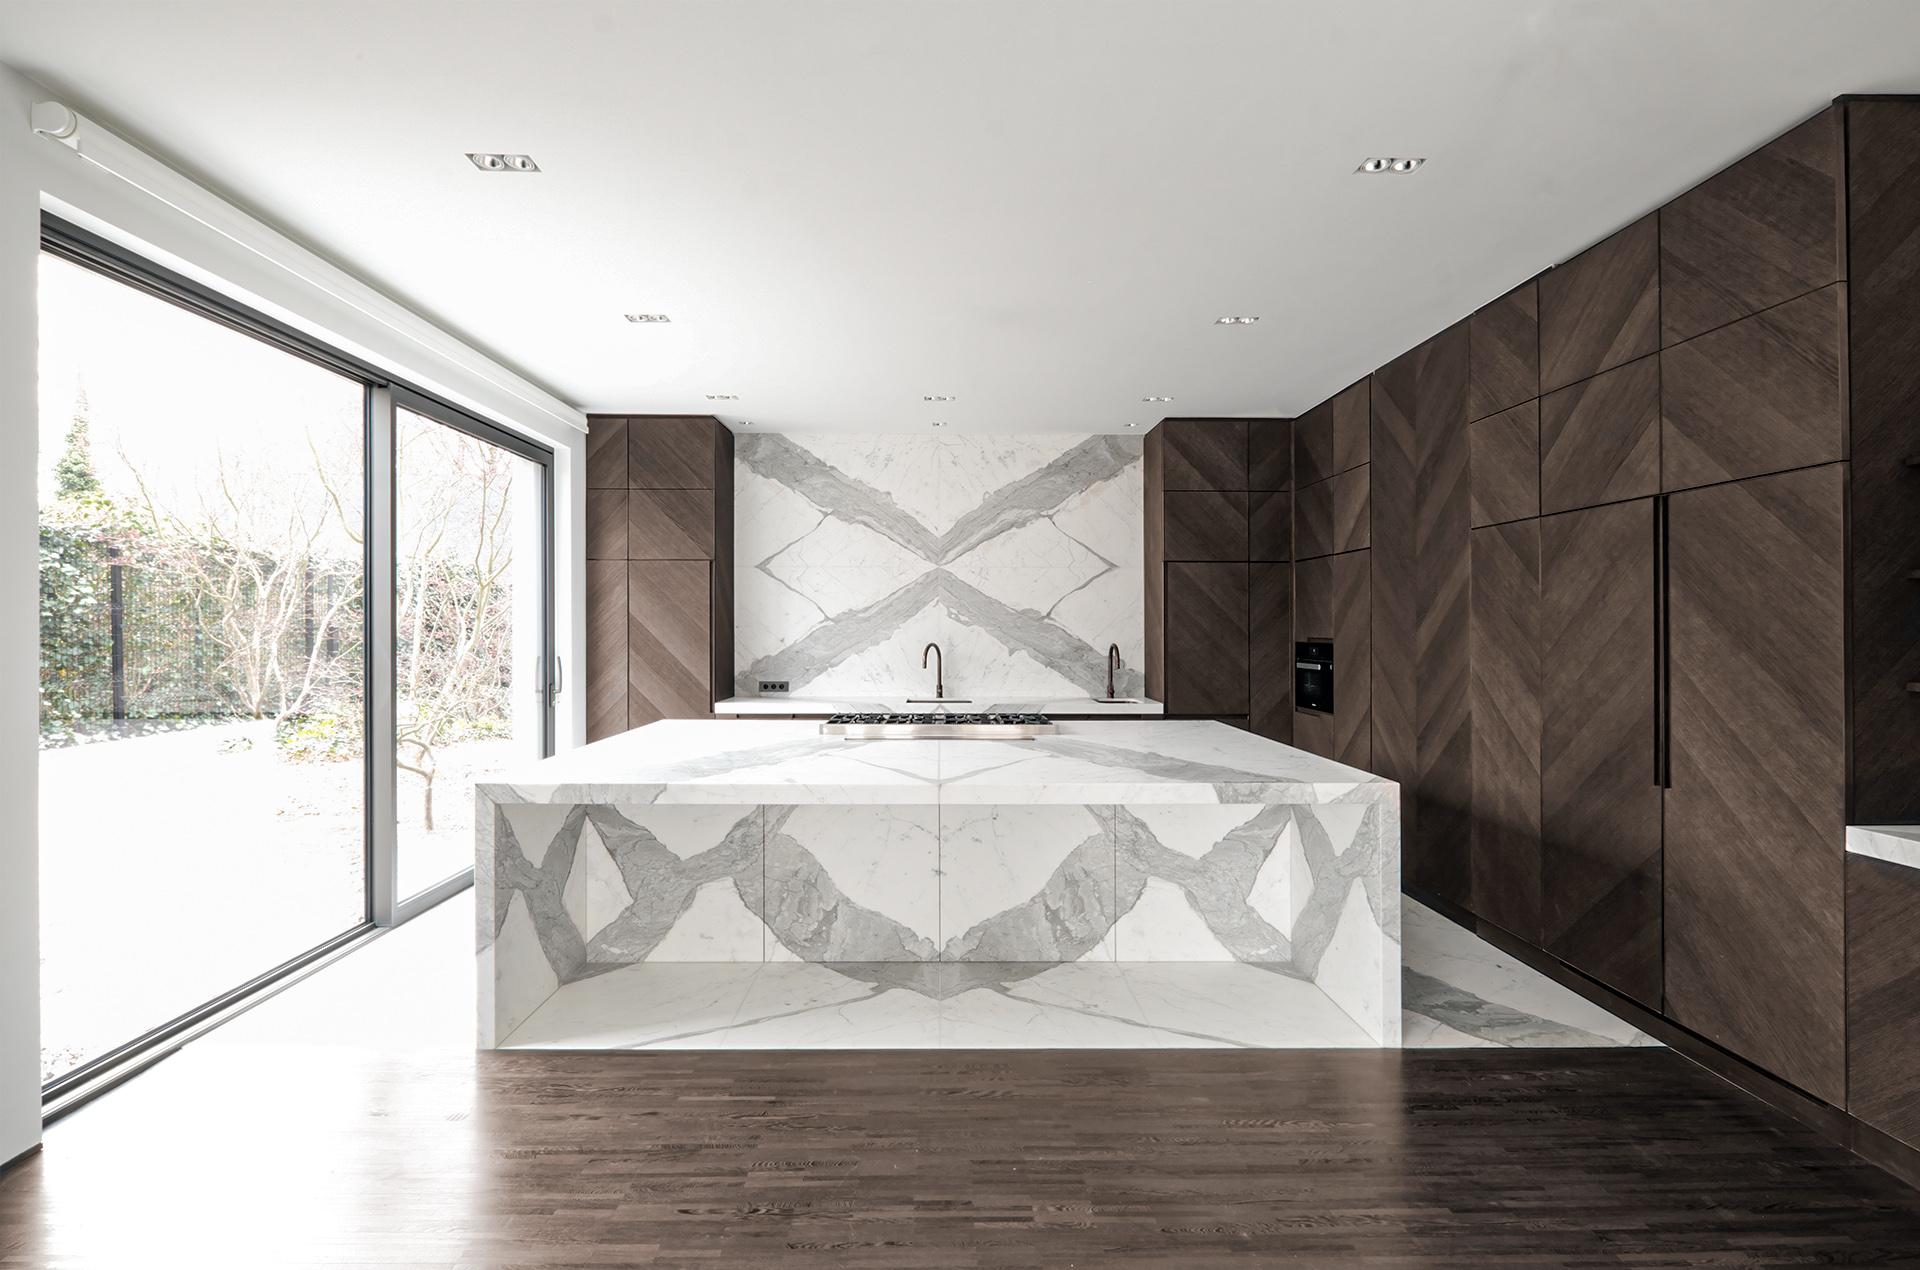 Marmor_Radermacher_Cuisine_Kueche_Statuario_weißer_Marmorkueche_marbre_blanc_white_marble_kitchen_03